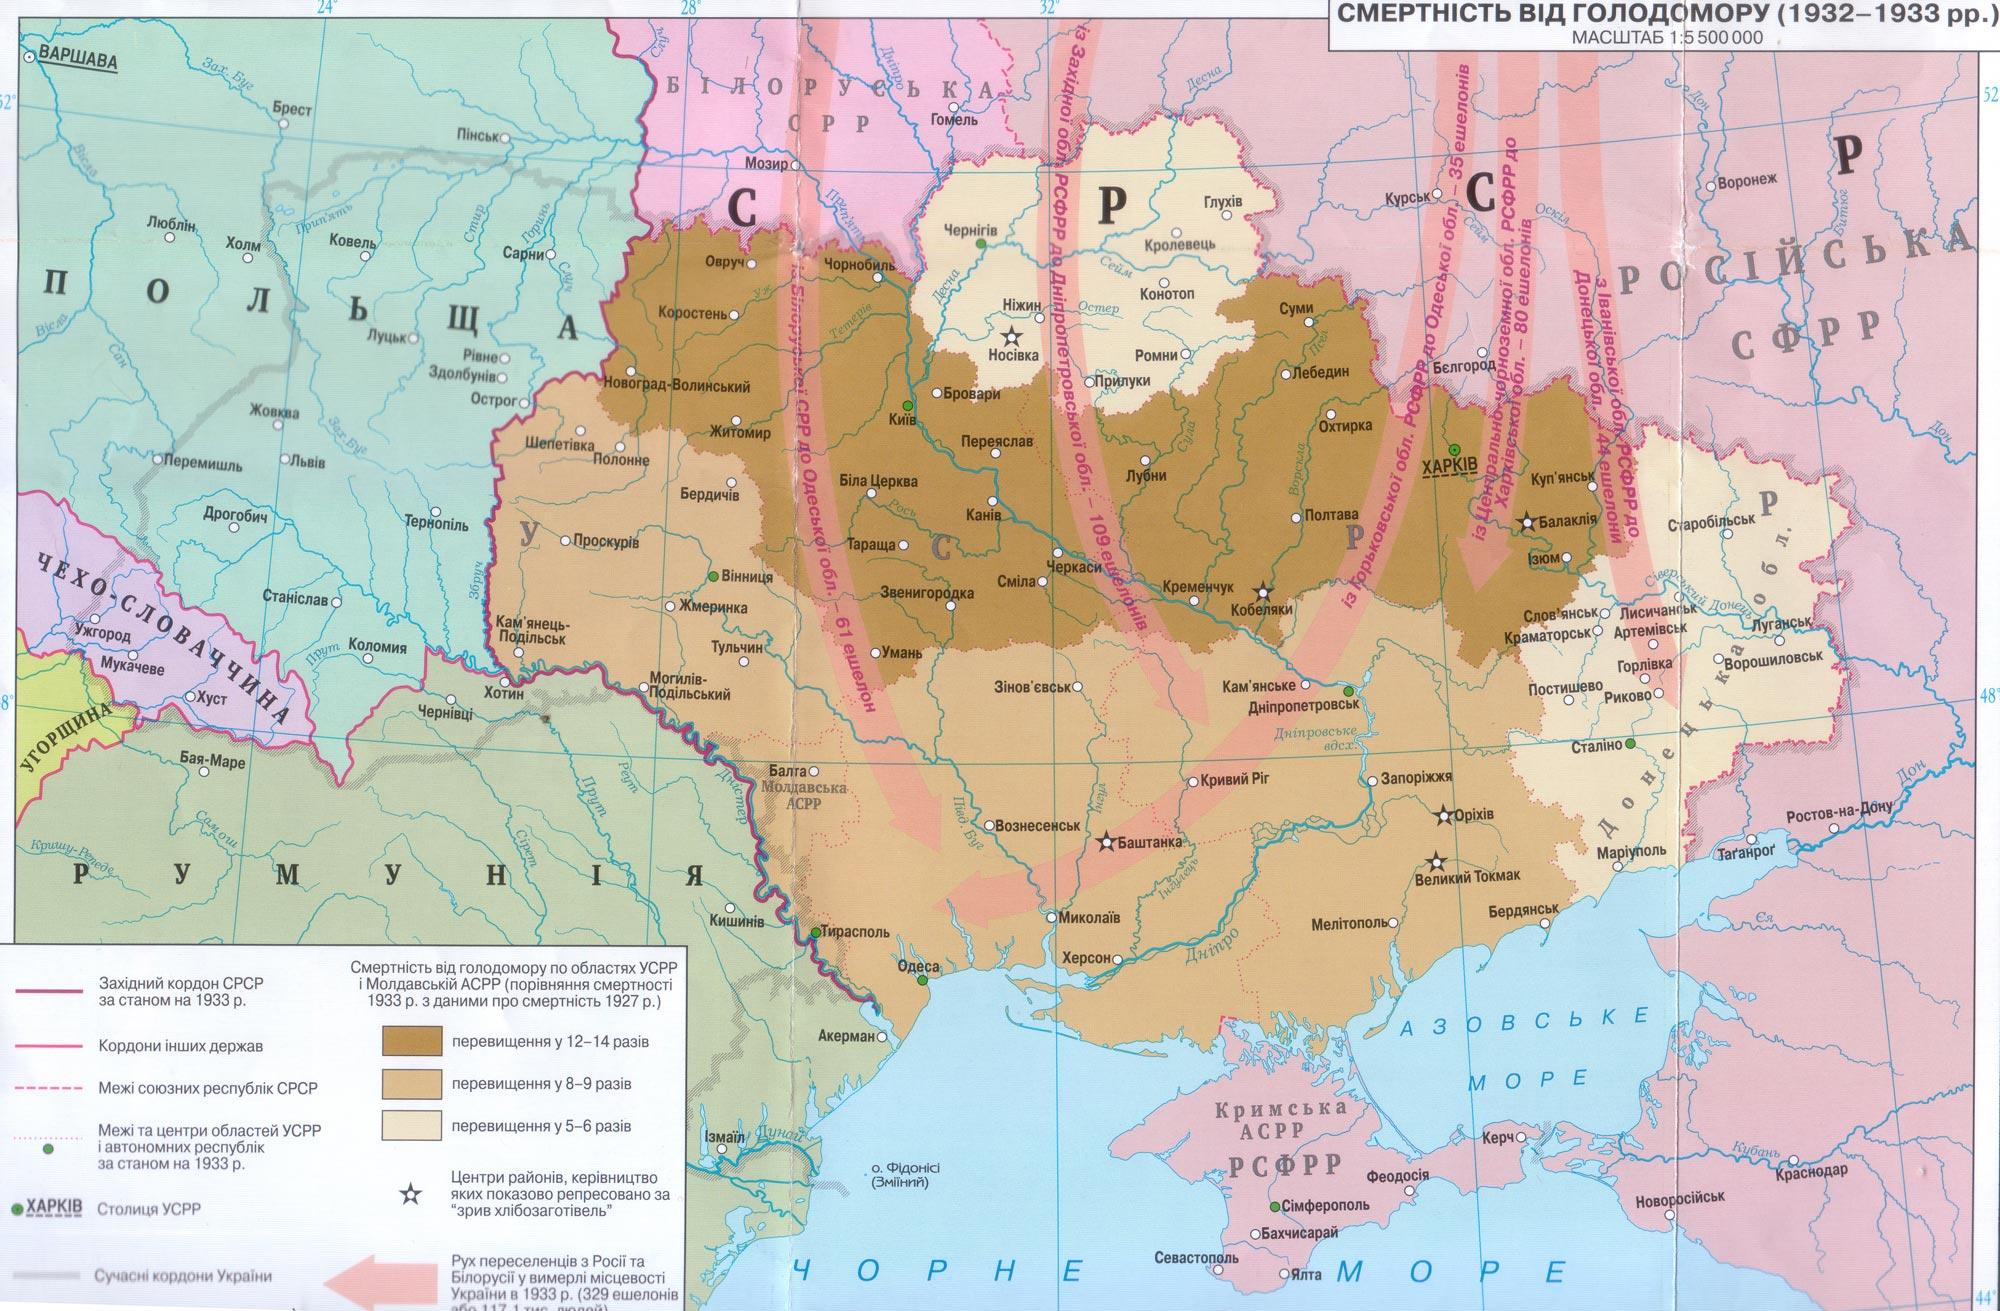 В Новолуганском установили блокпост для противодействия контрабанде под покровительством силовиков, - волонтер Шовкошитный - Цензор.НЕТ 1182